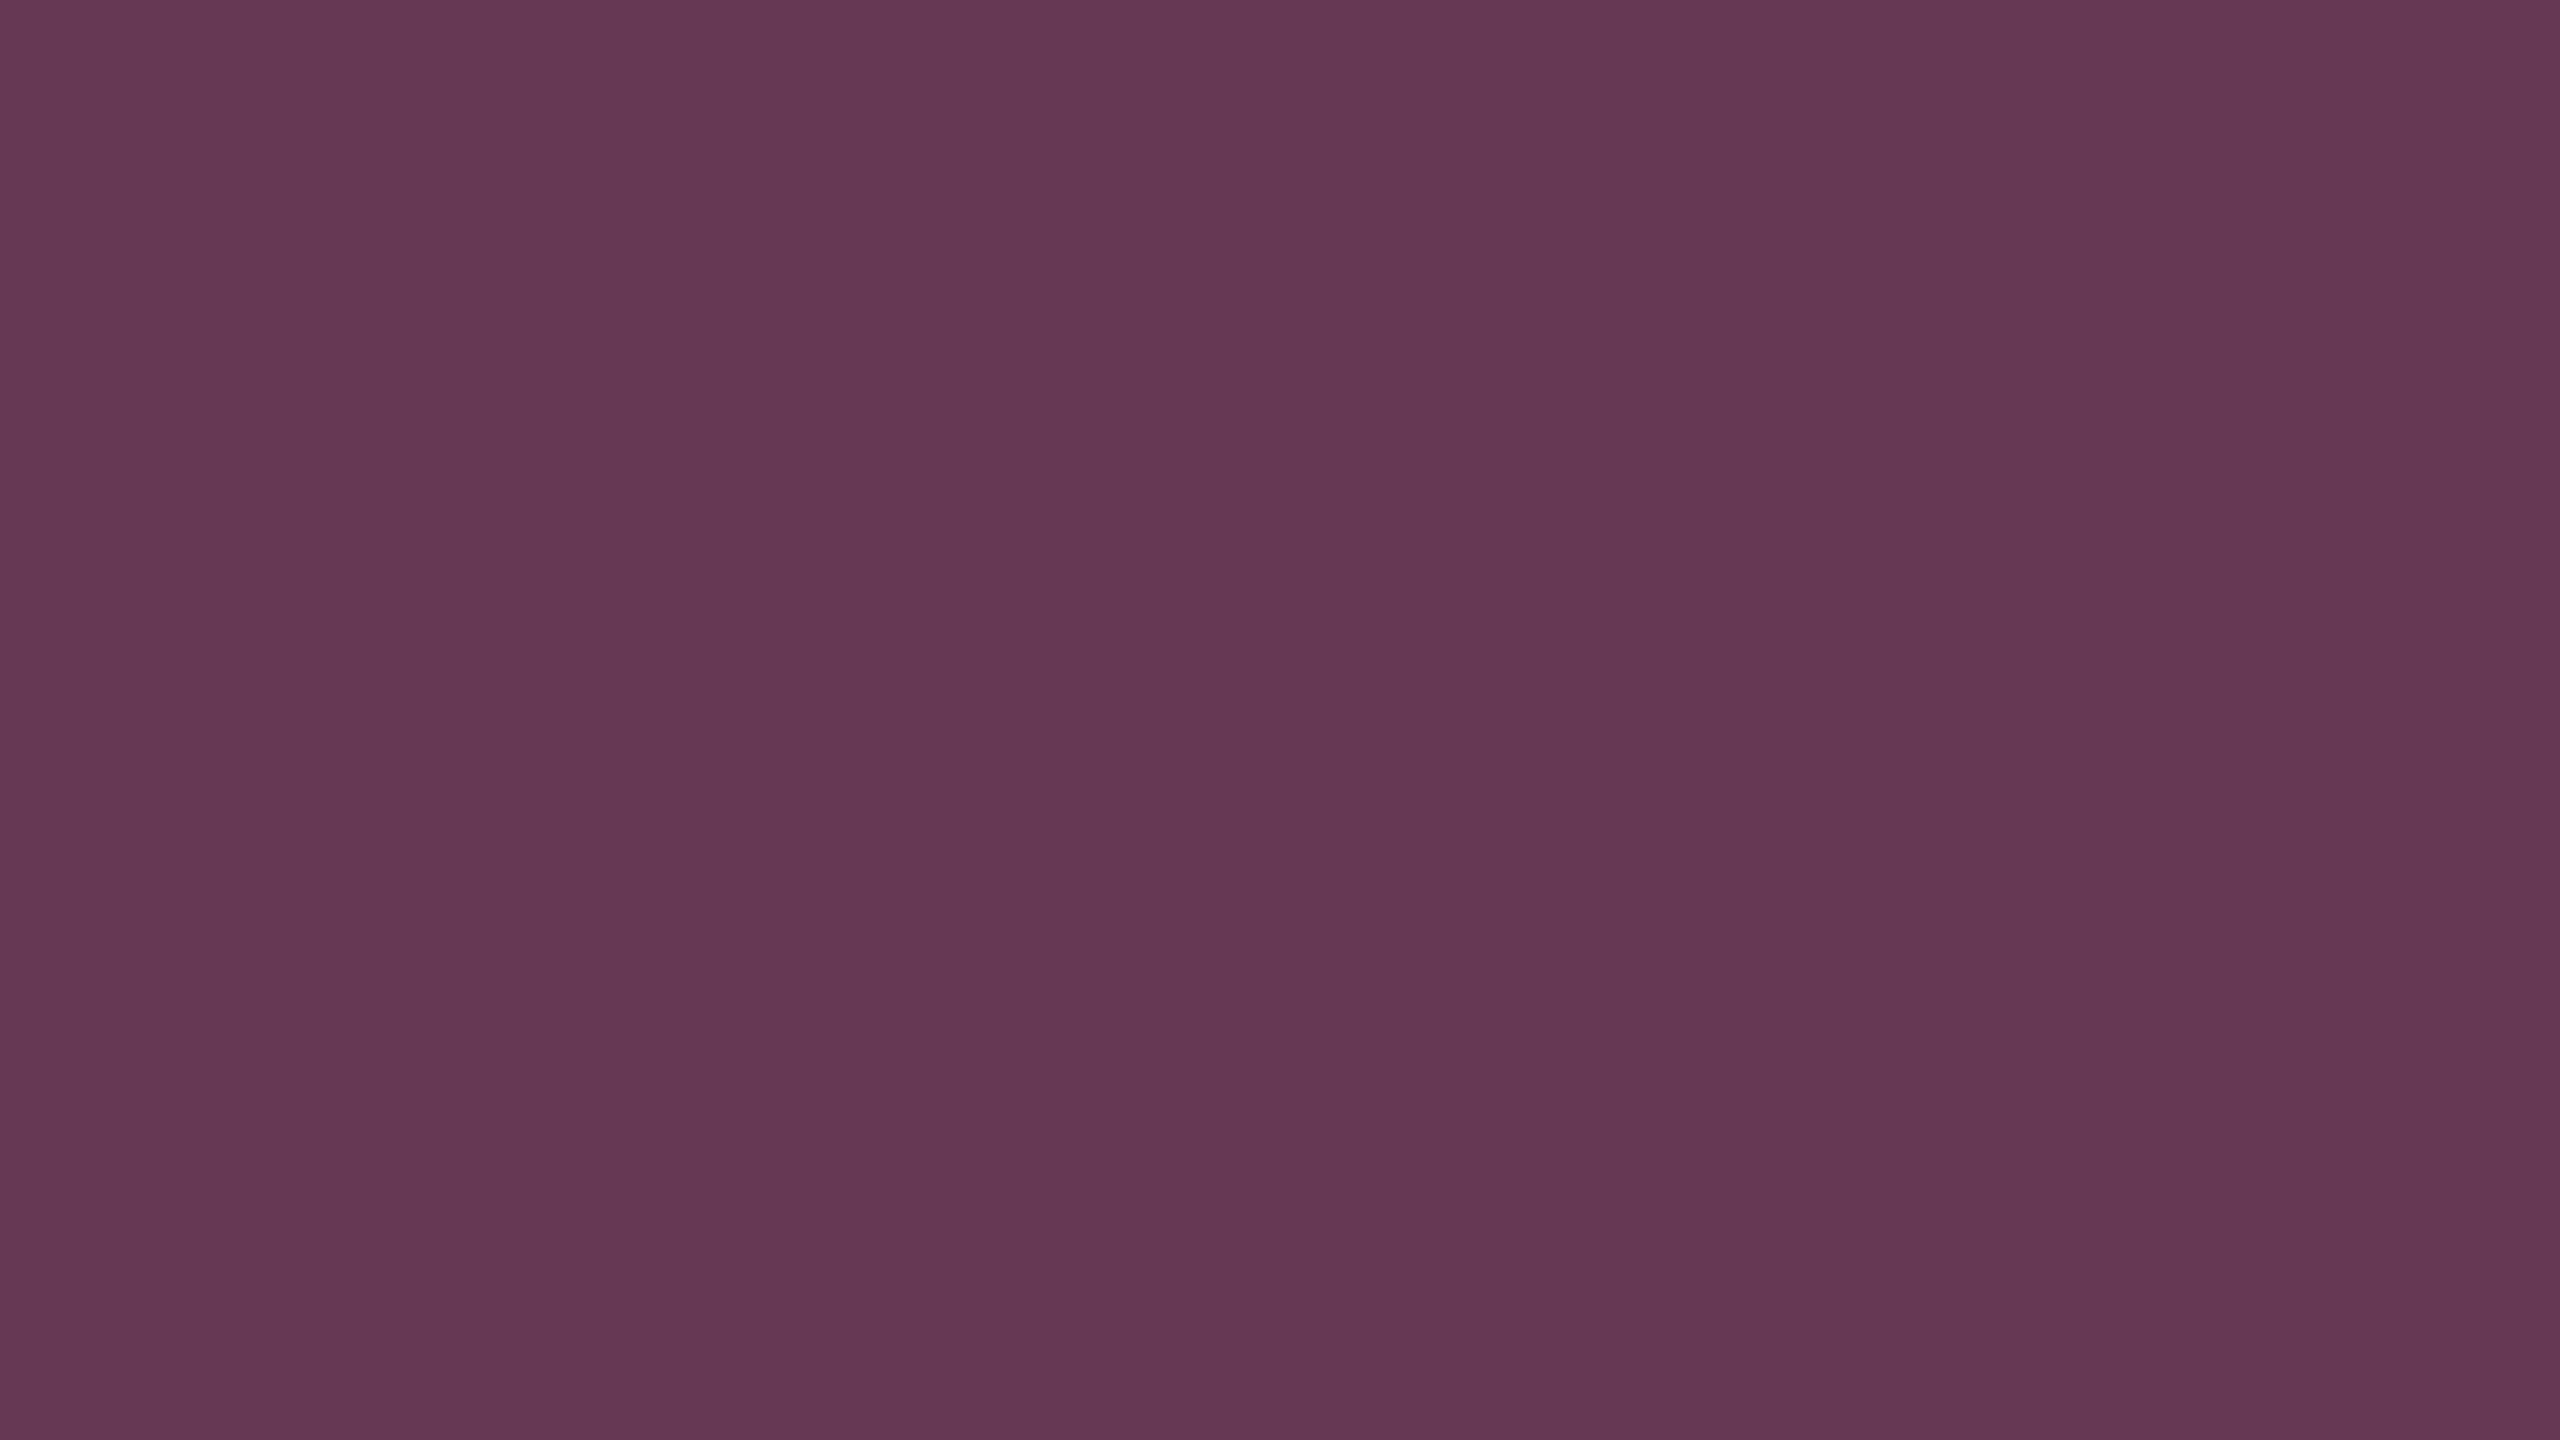 2560x1440 Halaya Ube Solid Color Background